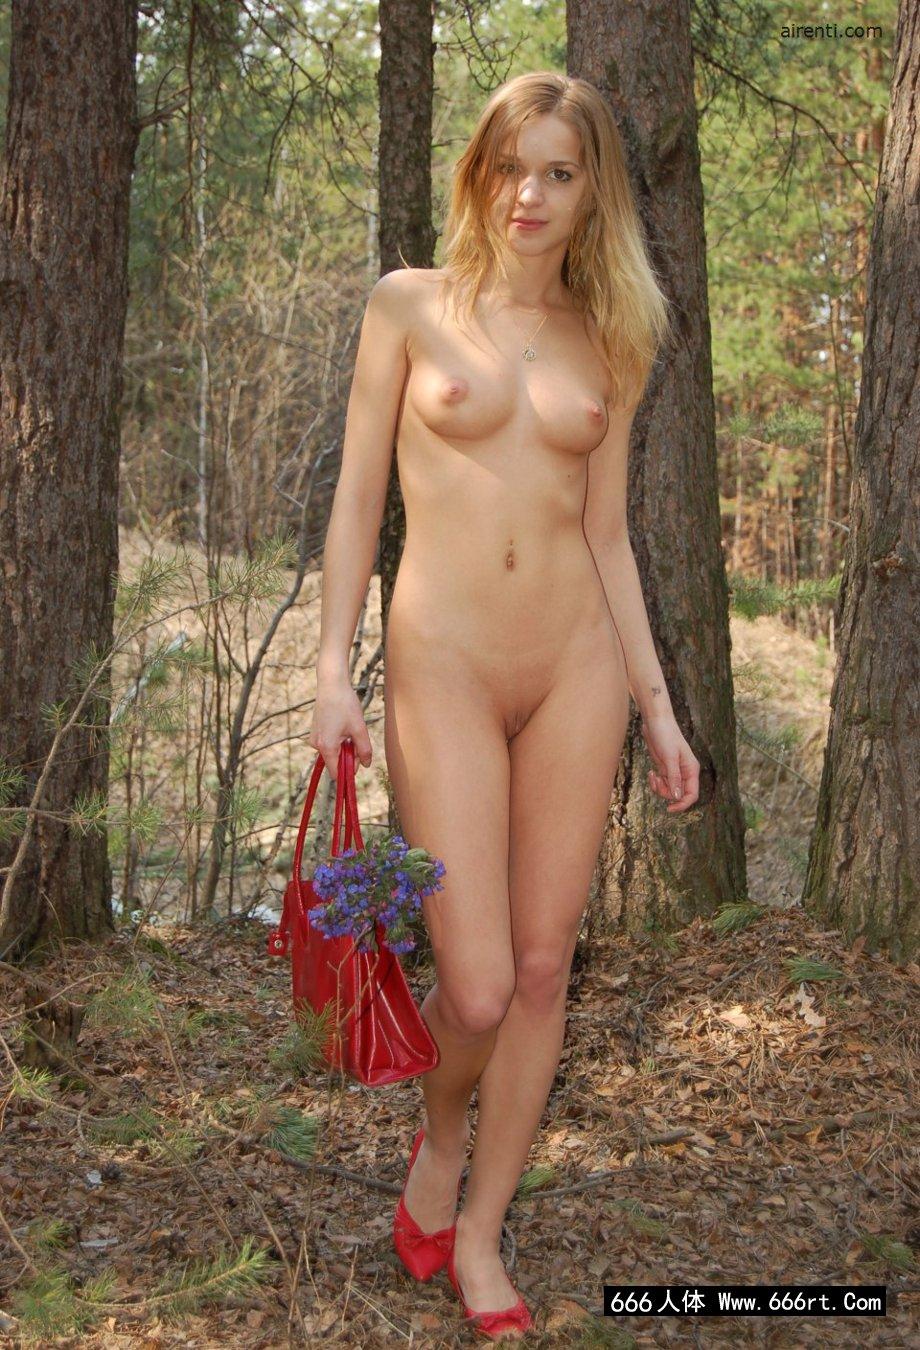 俄罗斯裸模Masha松树林外拍